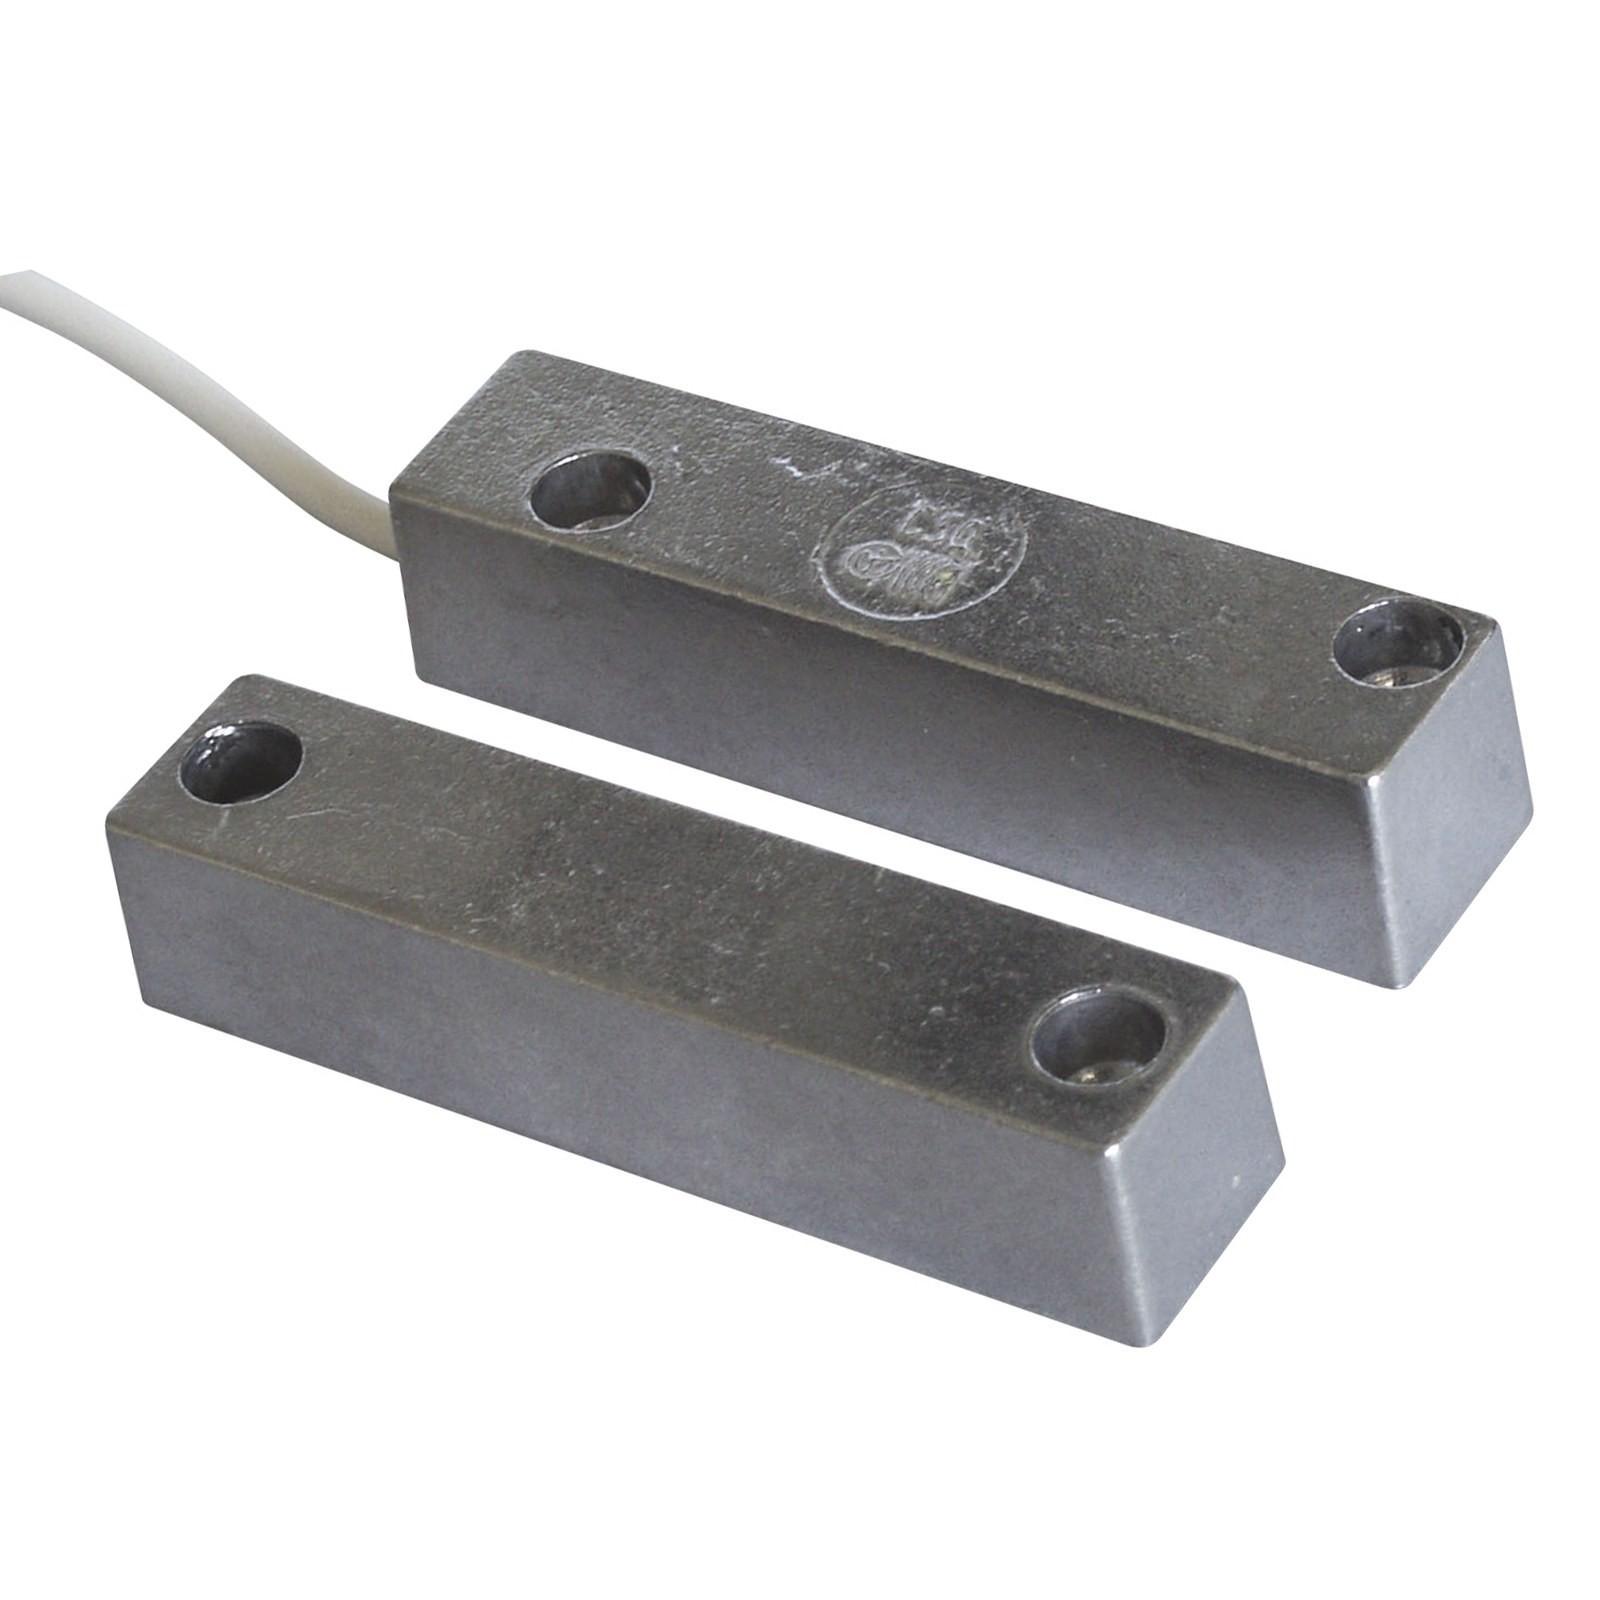 Contatto magnetico allarme antifurto in alluminio per porte contatti magnetici area illumina - Contatti magnetici per finestre vasistas ...